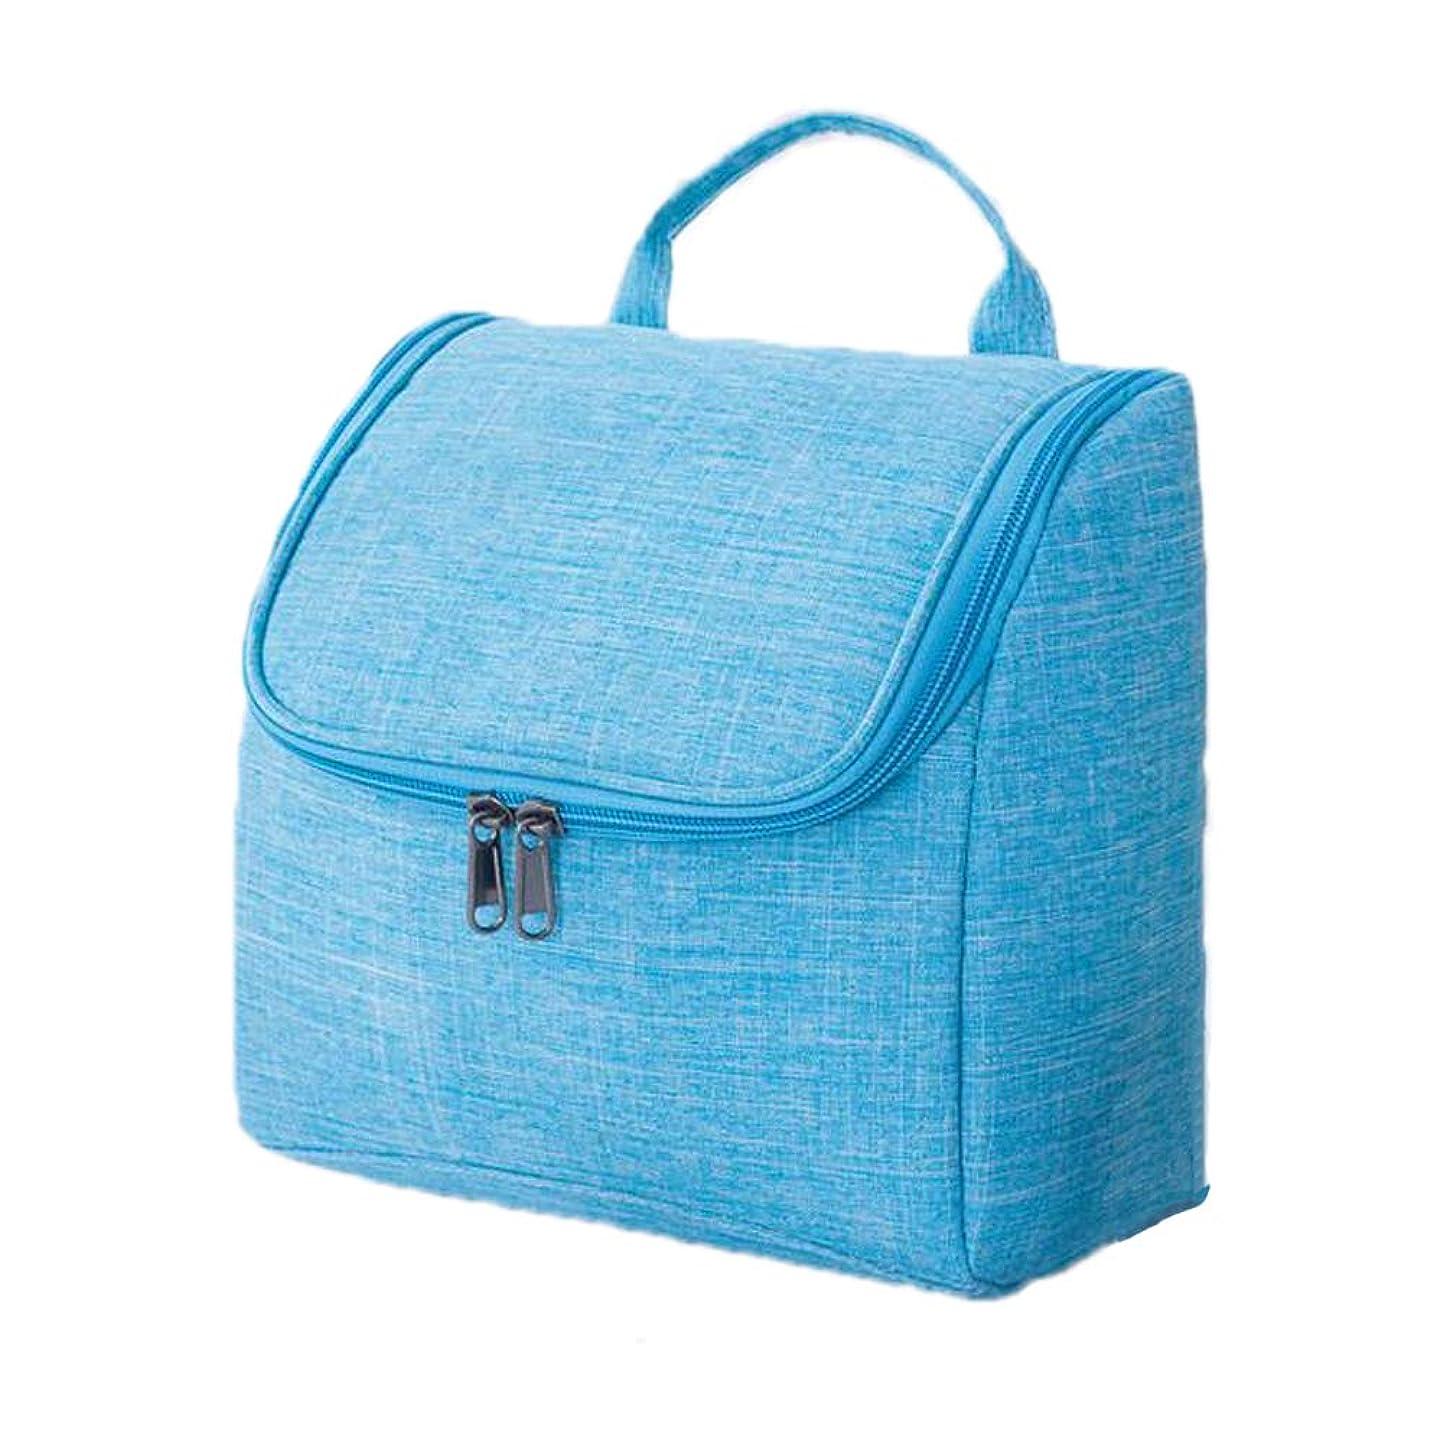 短命長くするに話すCOSCO コスメバッグ トラベルポーチ 化粧ポーチ 旅行バッグ 洗面用具入れ 収納バッグ フック付き 吊り下げ